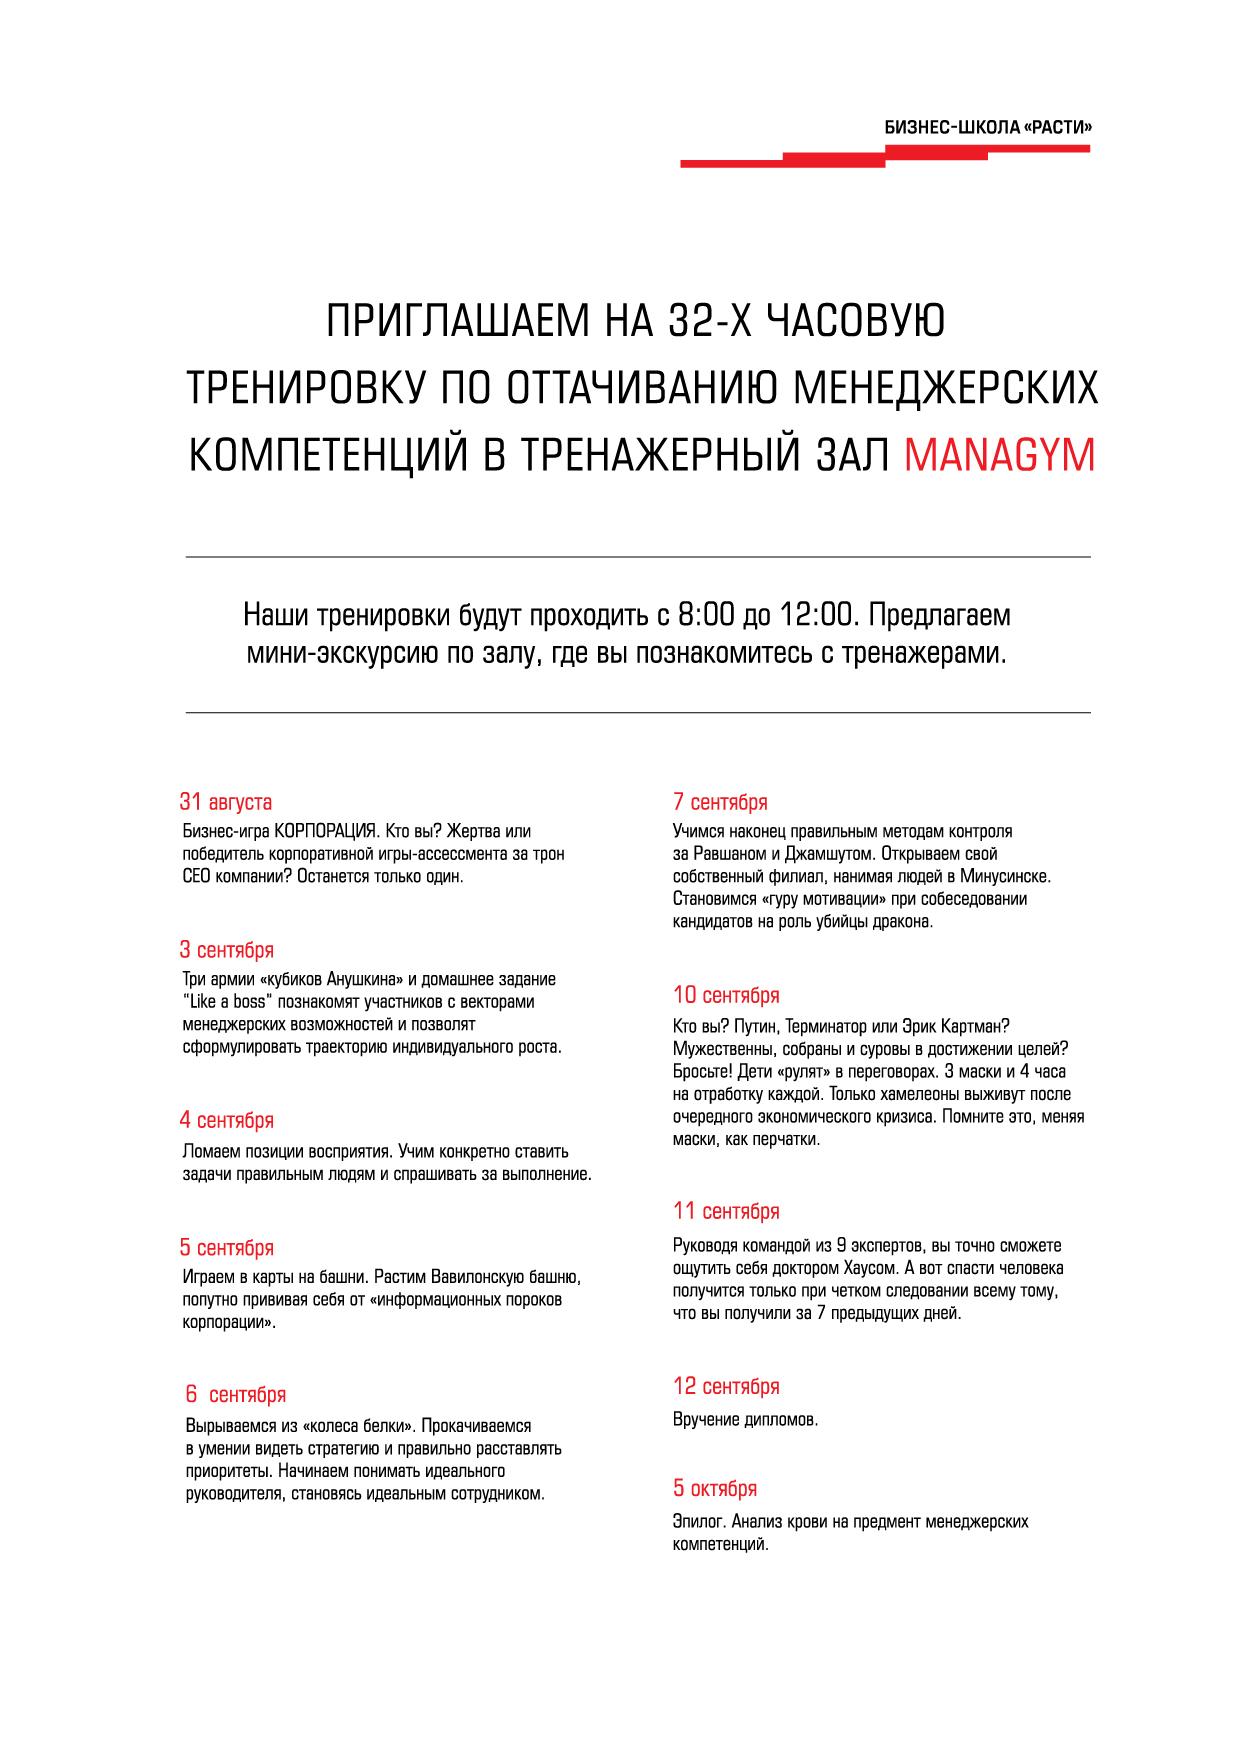 Priglasitelnyj variant 01 Юрий Сорокин и Юрий Анушкин сделали управленческий курс MANAGYMпостроение системы обучения персонала Мастер класс Корпоративный университет корпоративное обучение бизнес школа расти